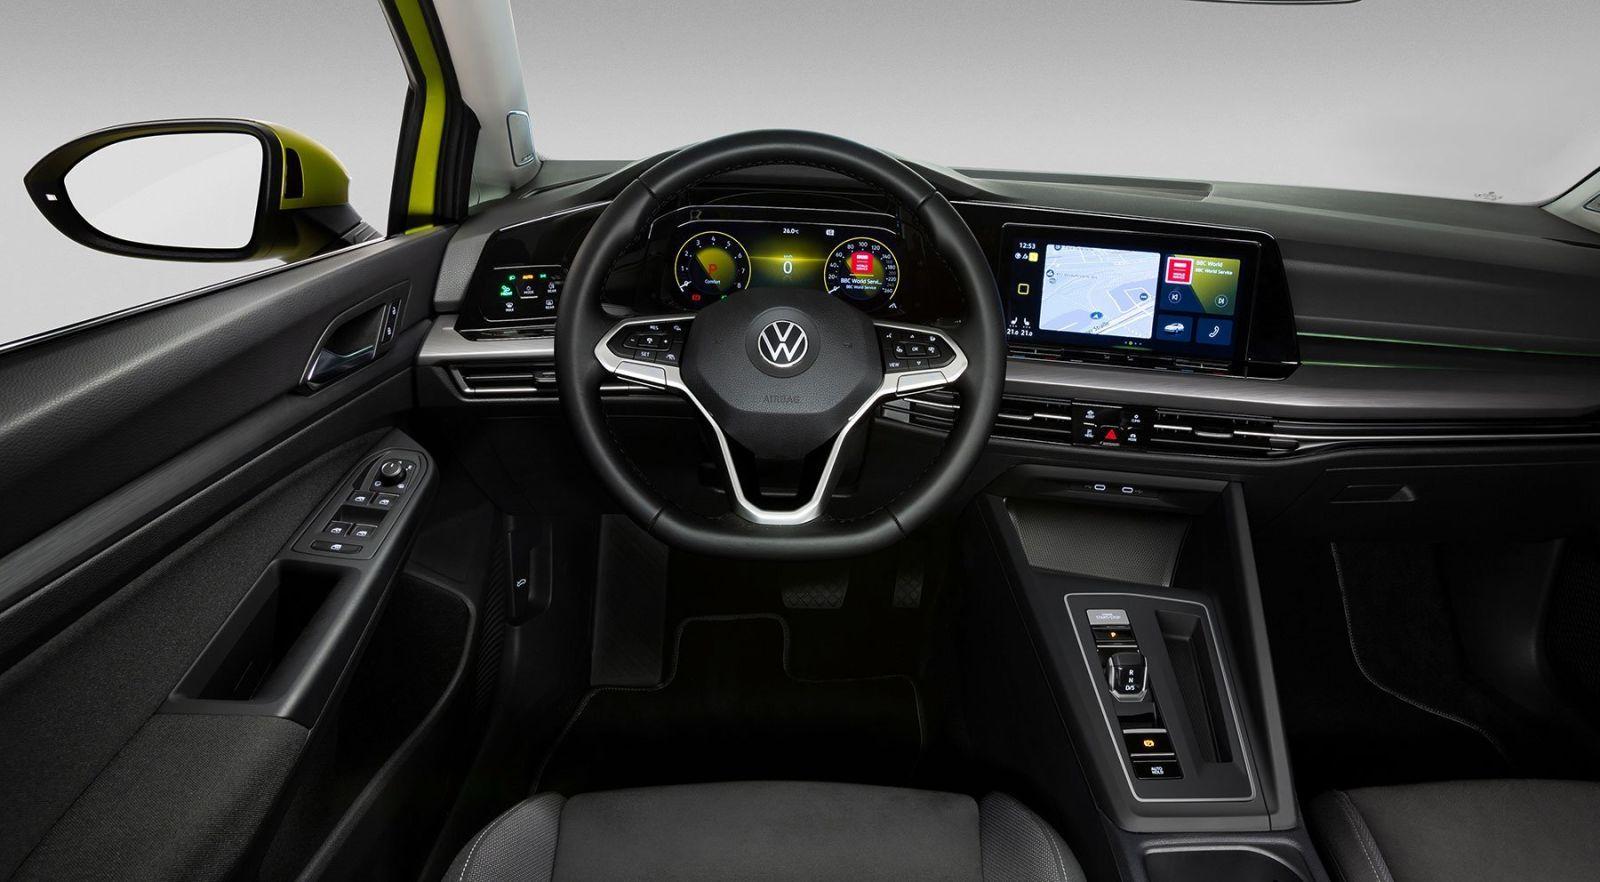 2020 Volkswagen Golf This Is All Of It In 2020 Volkswagen Golf Volkswagen Vw Golf